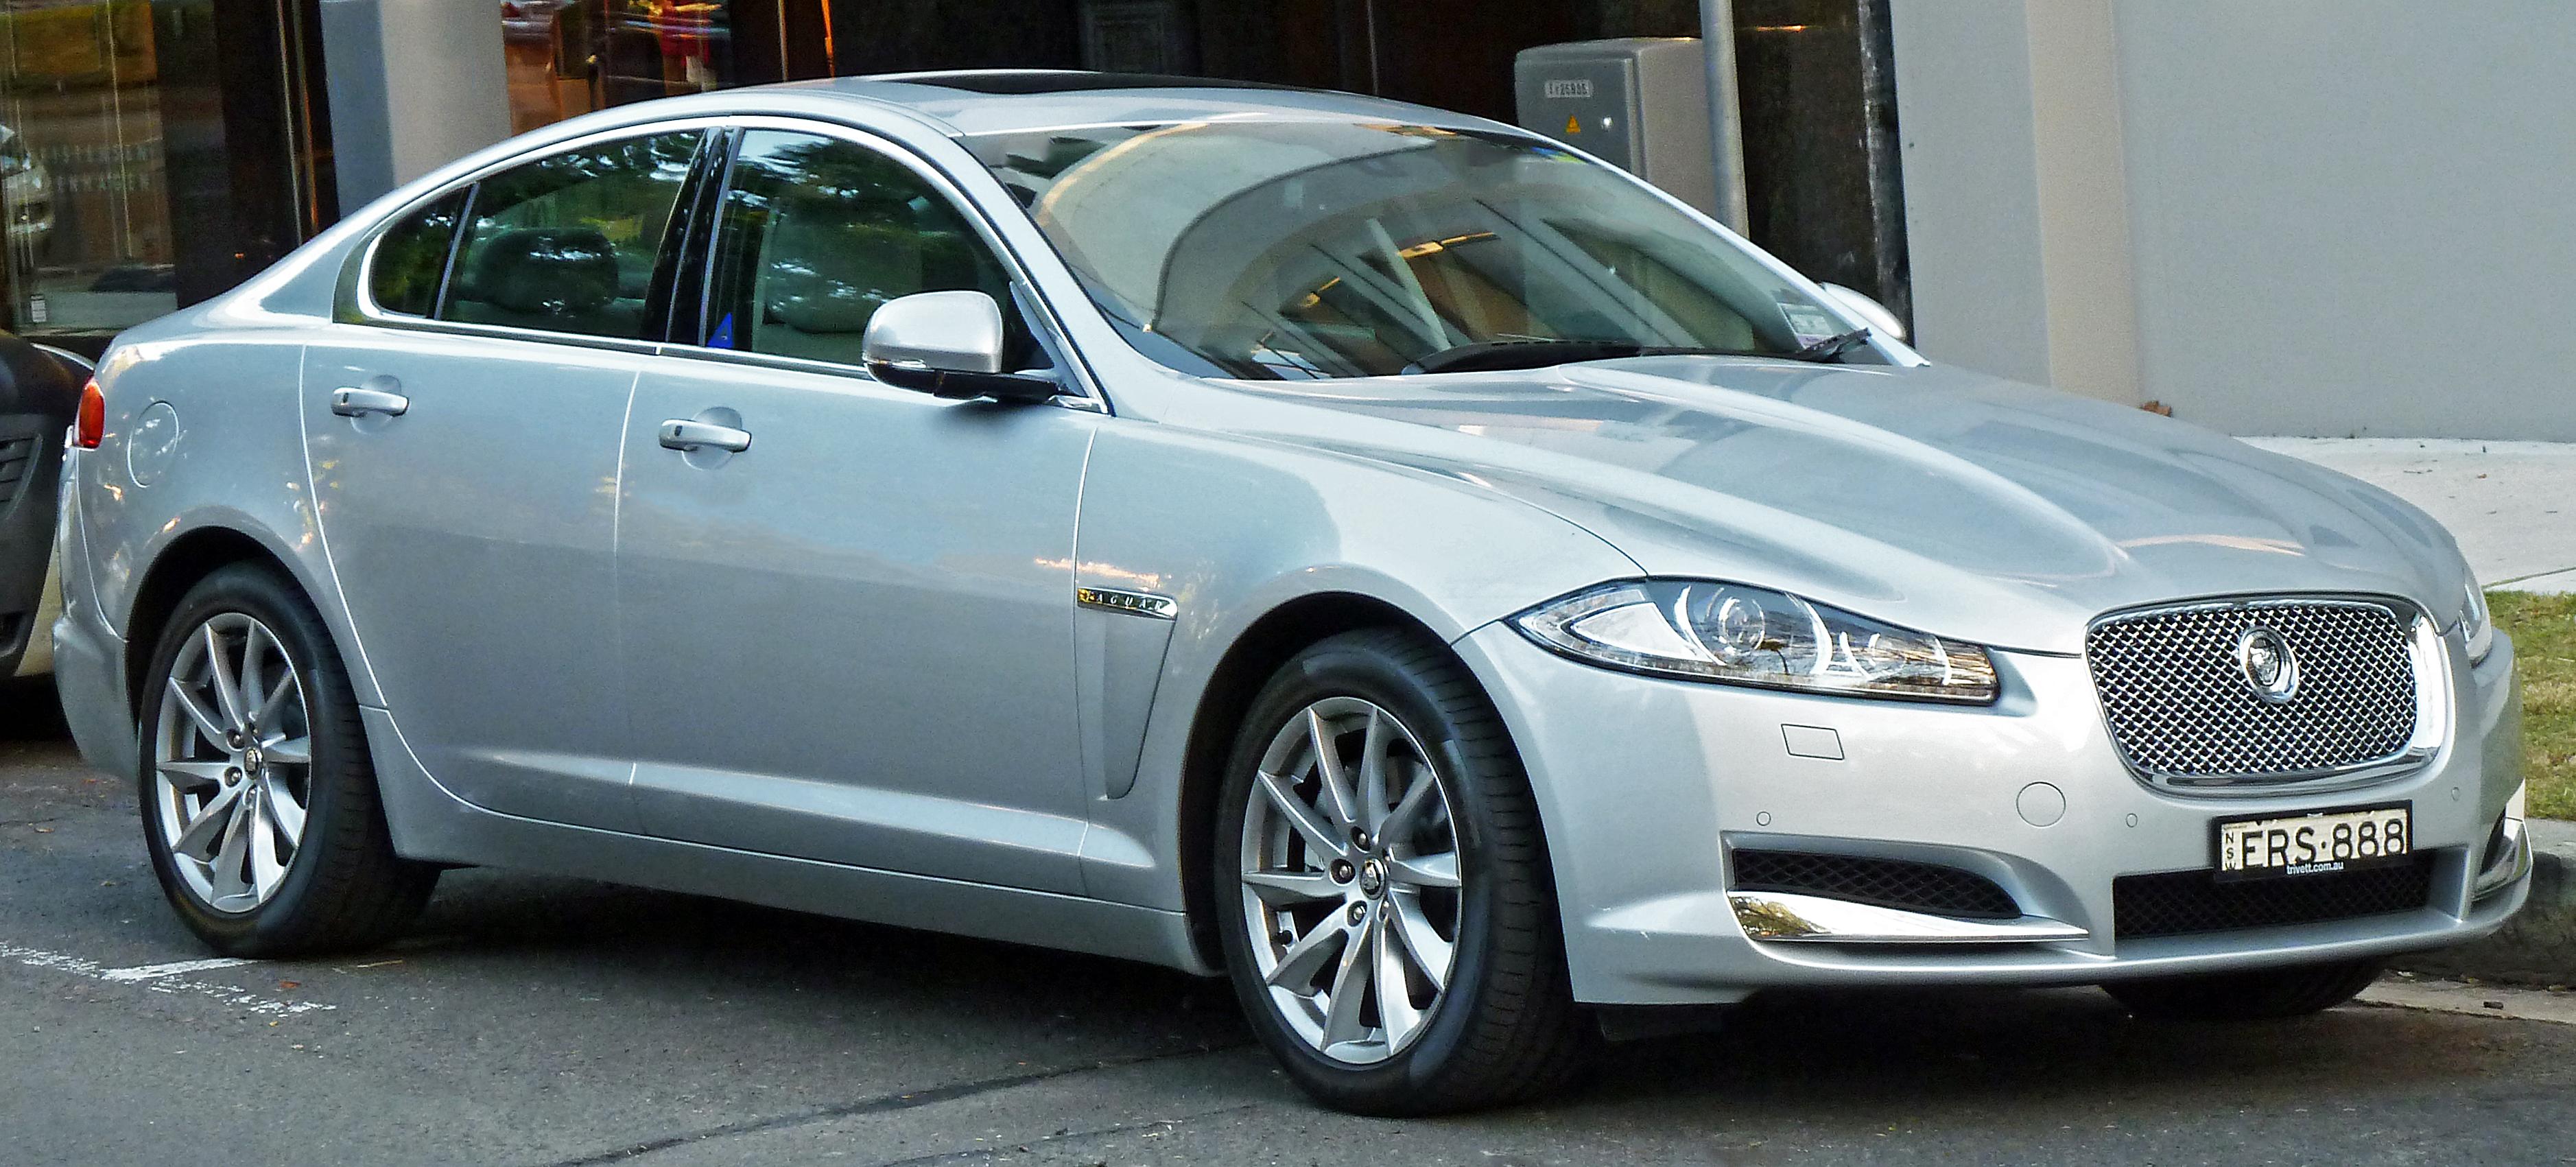 File:2011 Jaguar XF (X250 MY11) sedan (2012-06-04).jpg